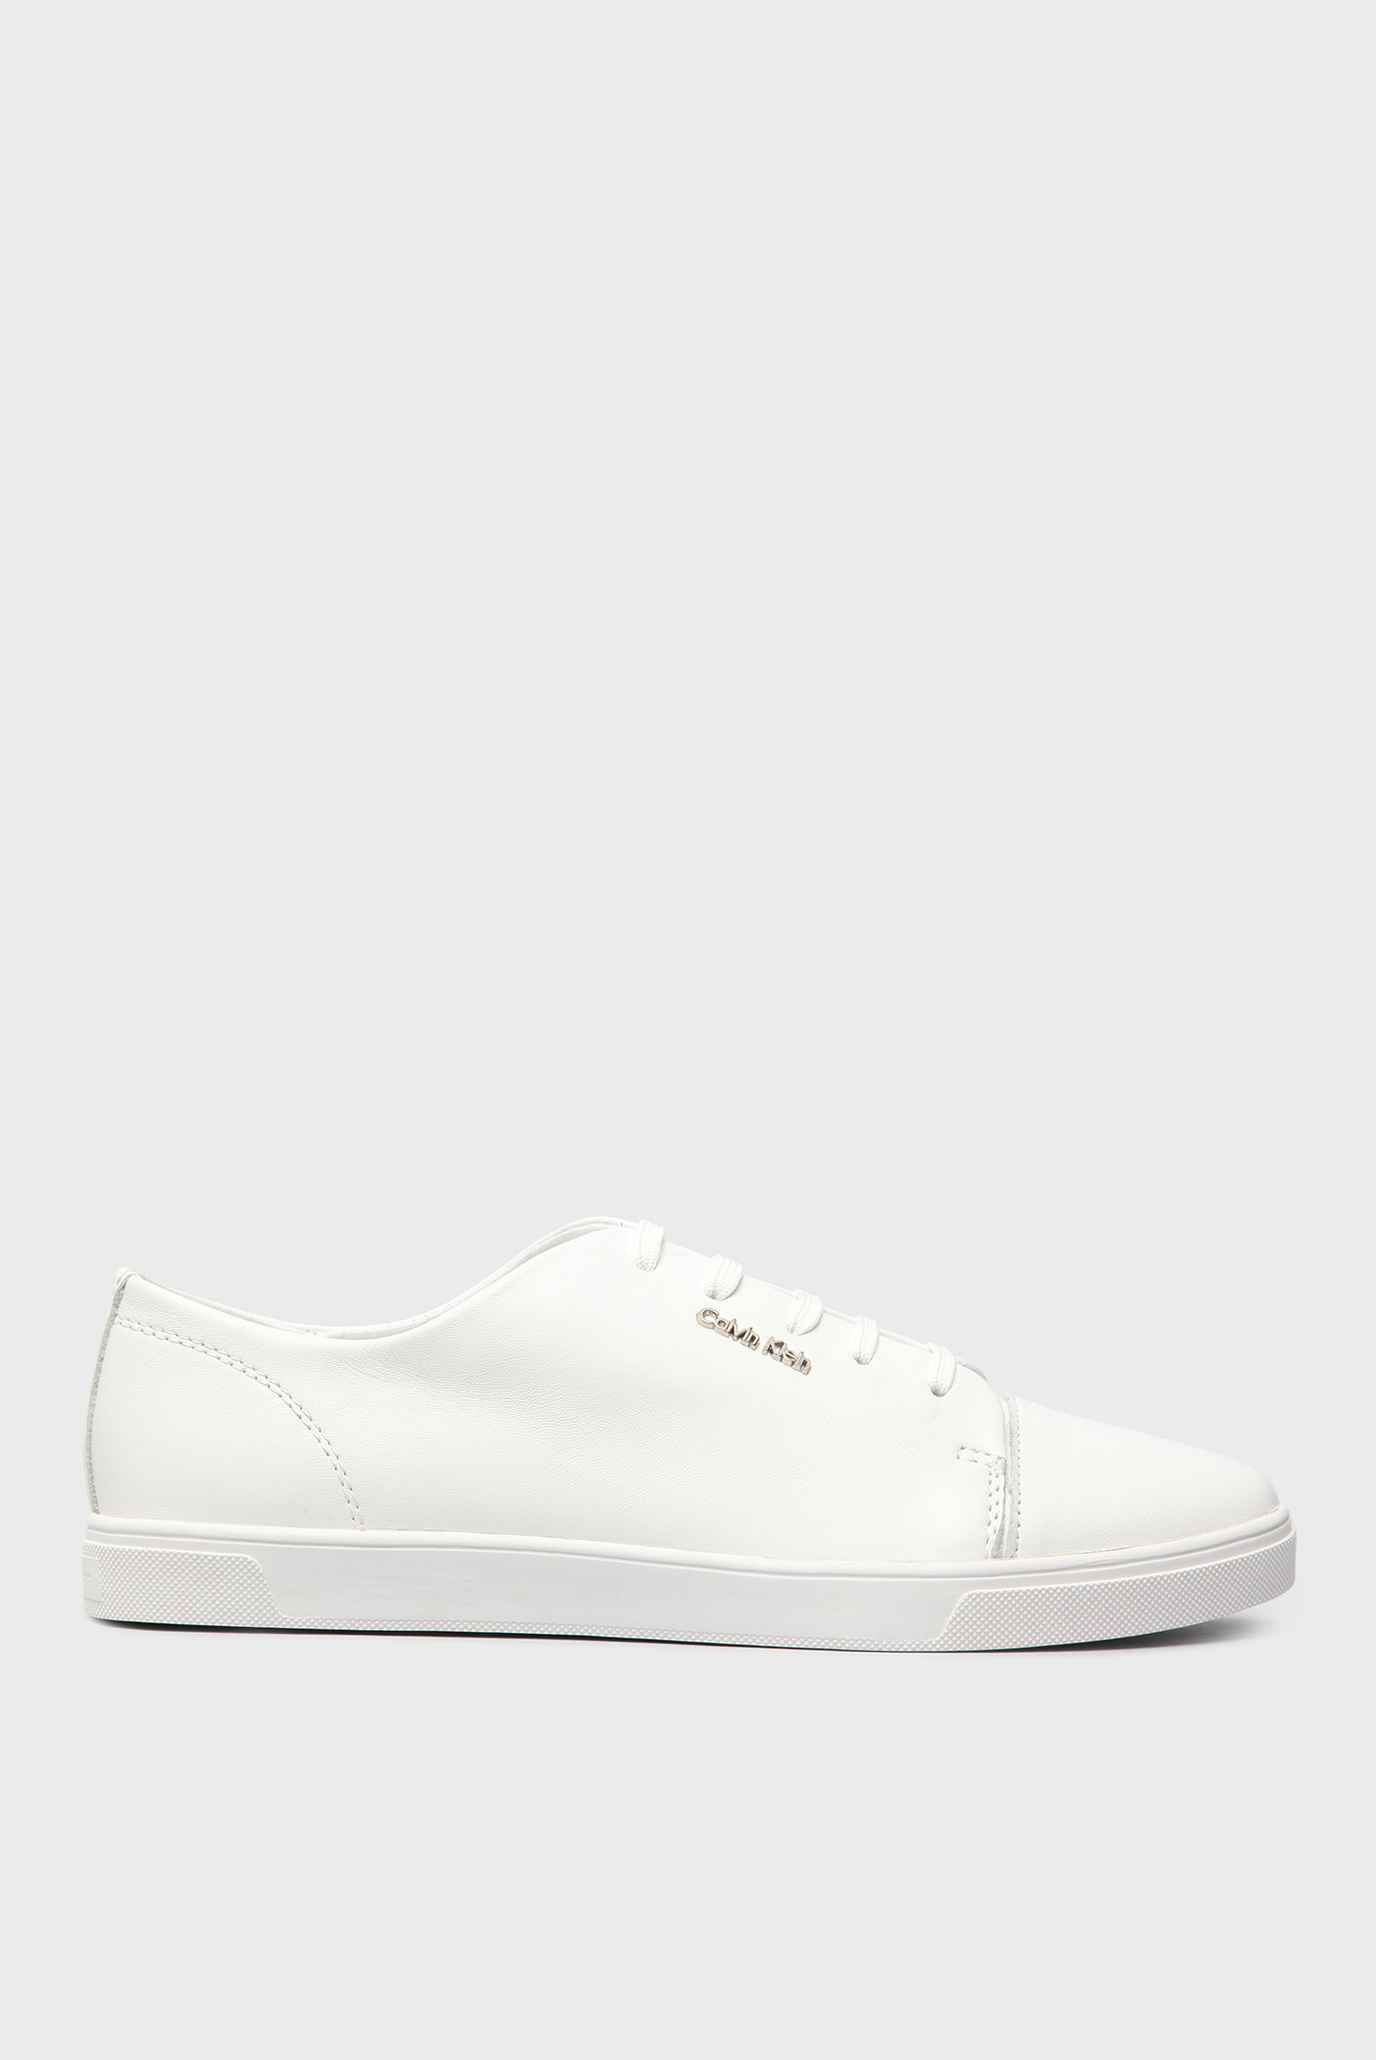 Купить Женские белые кожаные кроссовки Calvin Klein Calvin Klein N11899 –  Киев 66d61516e564e